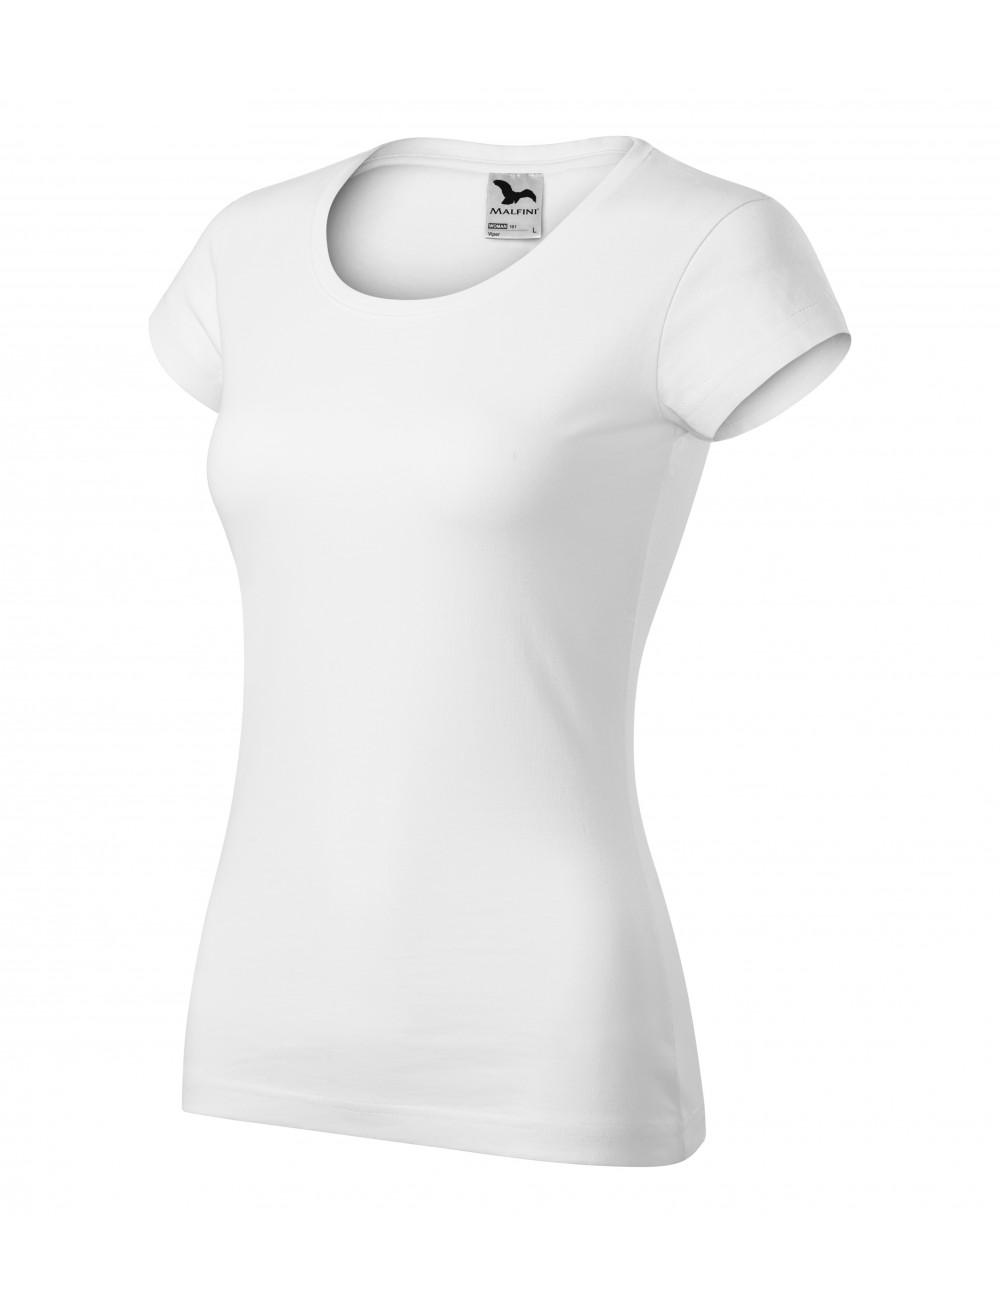 Adler MALFINI Koszulka damska Viper 161 biały